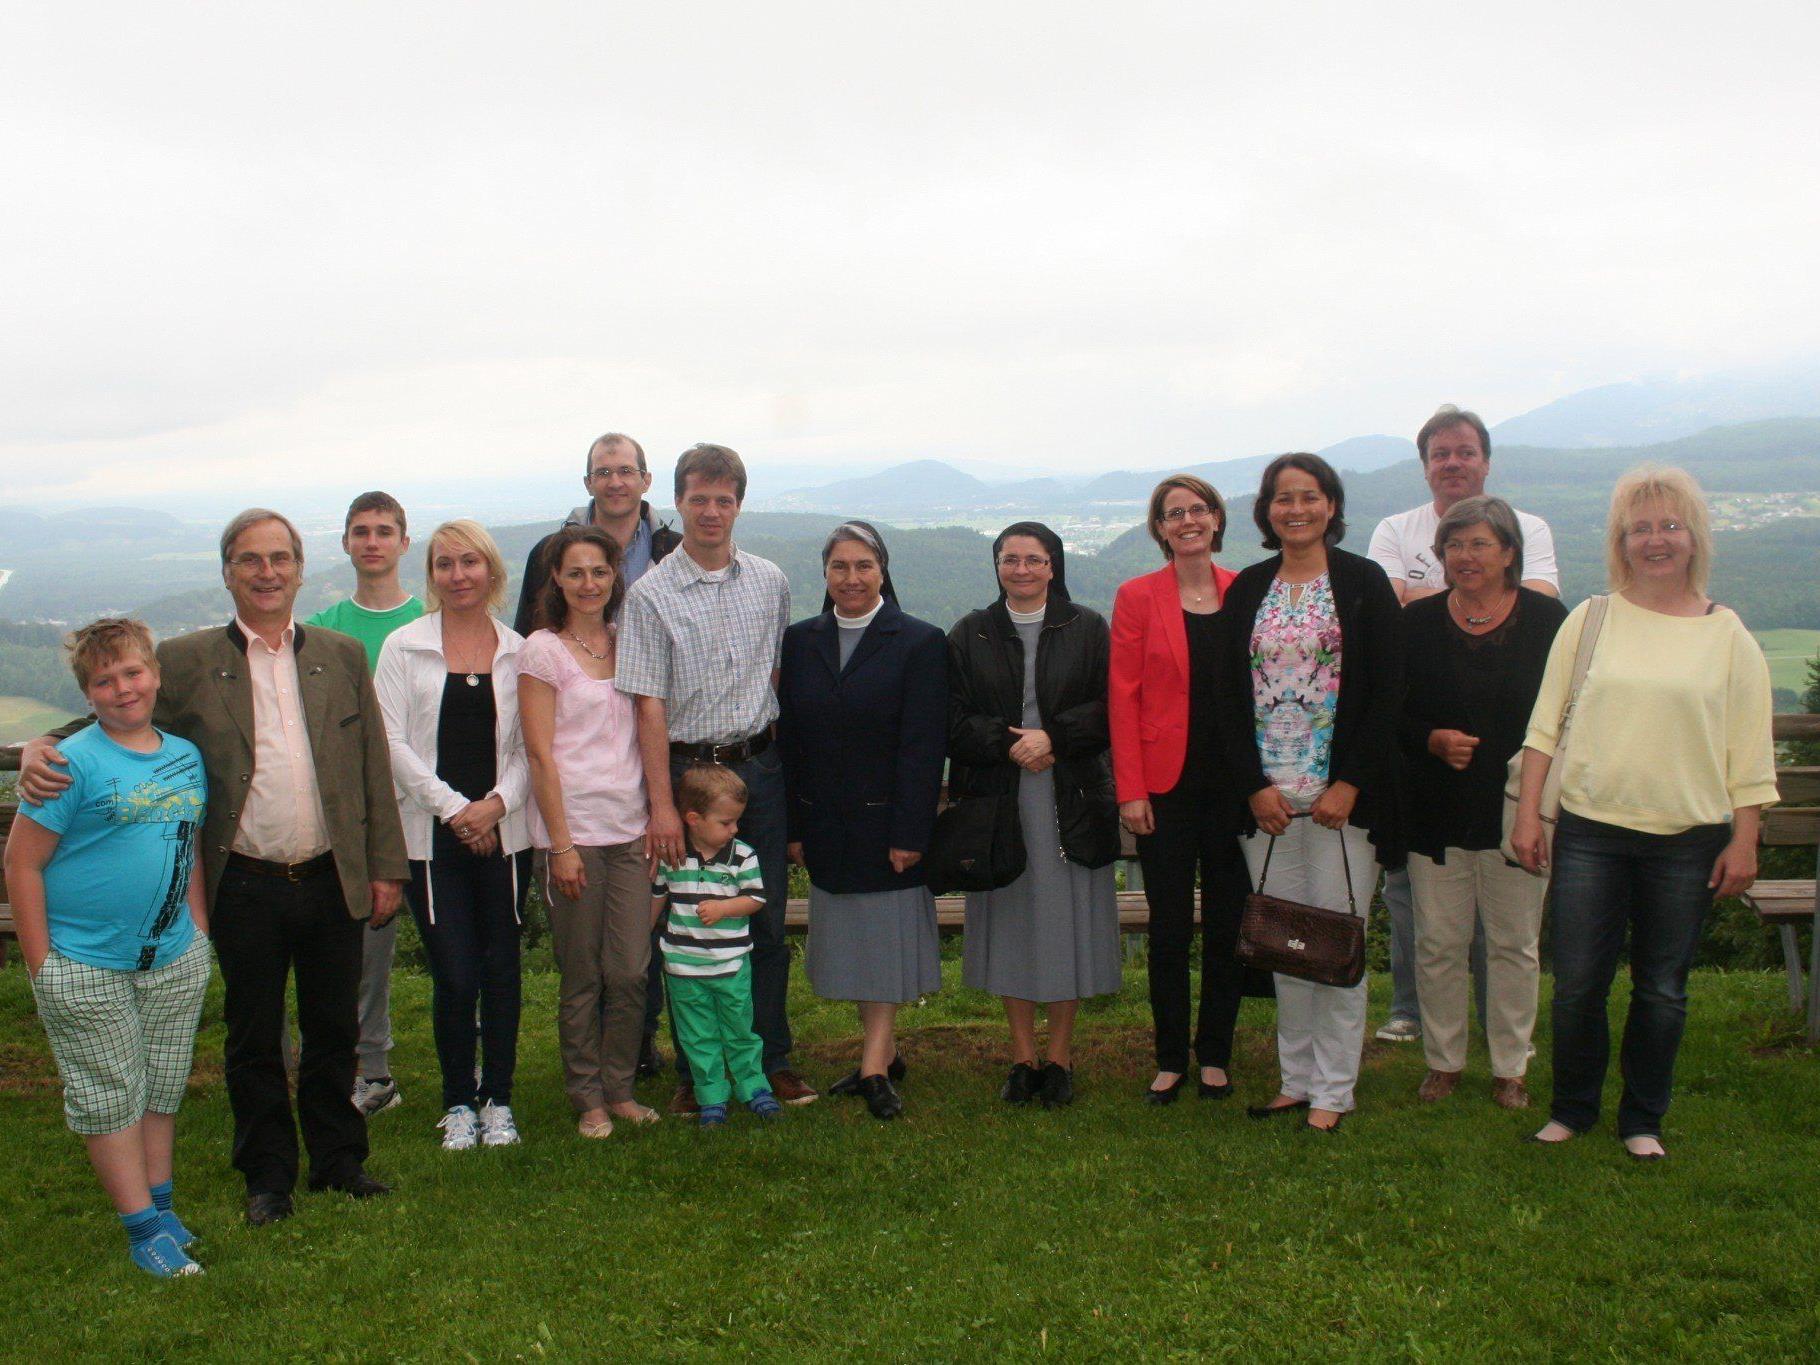 Gruppenfoto anlässlich des Willkommensfrühstücks mit Bgm. Eugen Gabriel und Vize-Bgm. Ilse Mock